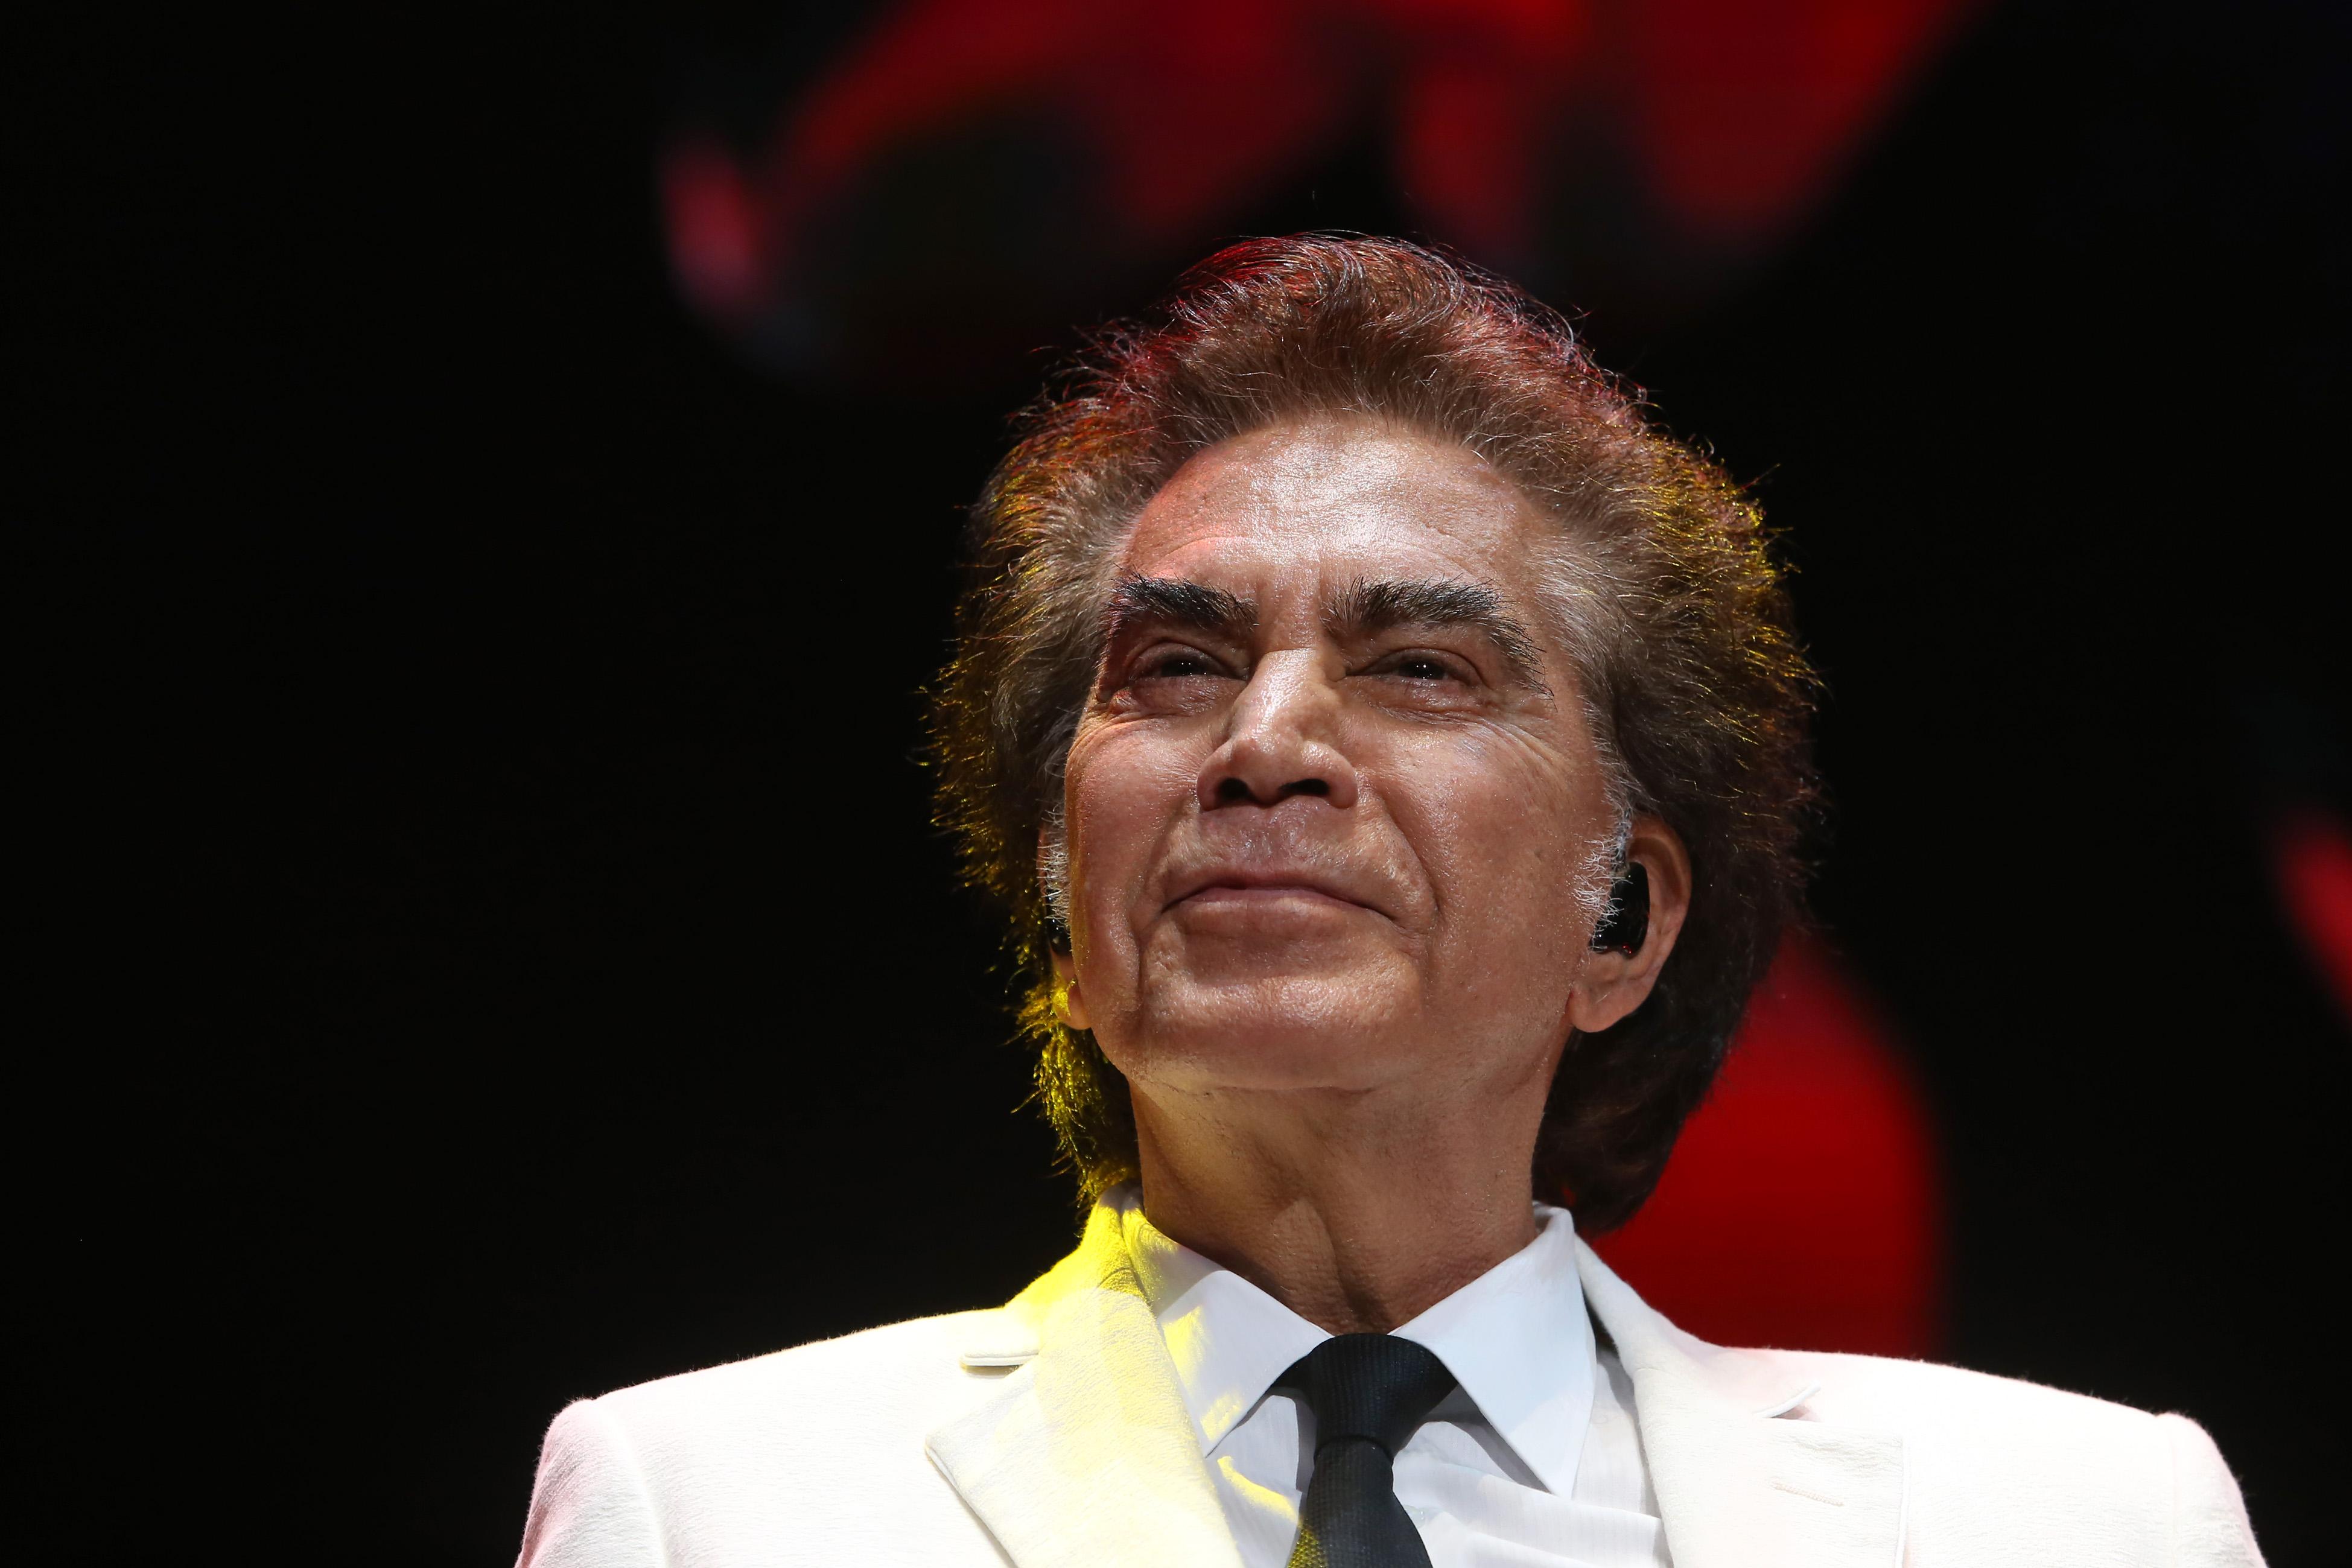 José Luis Rodríguez 'El Puma' reveló quién fue el famoso que lo visitó en el hospital hace algunos años